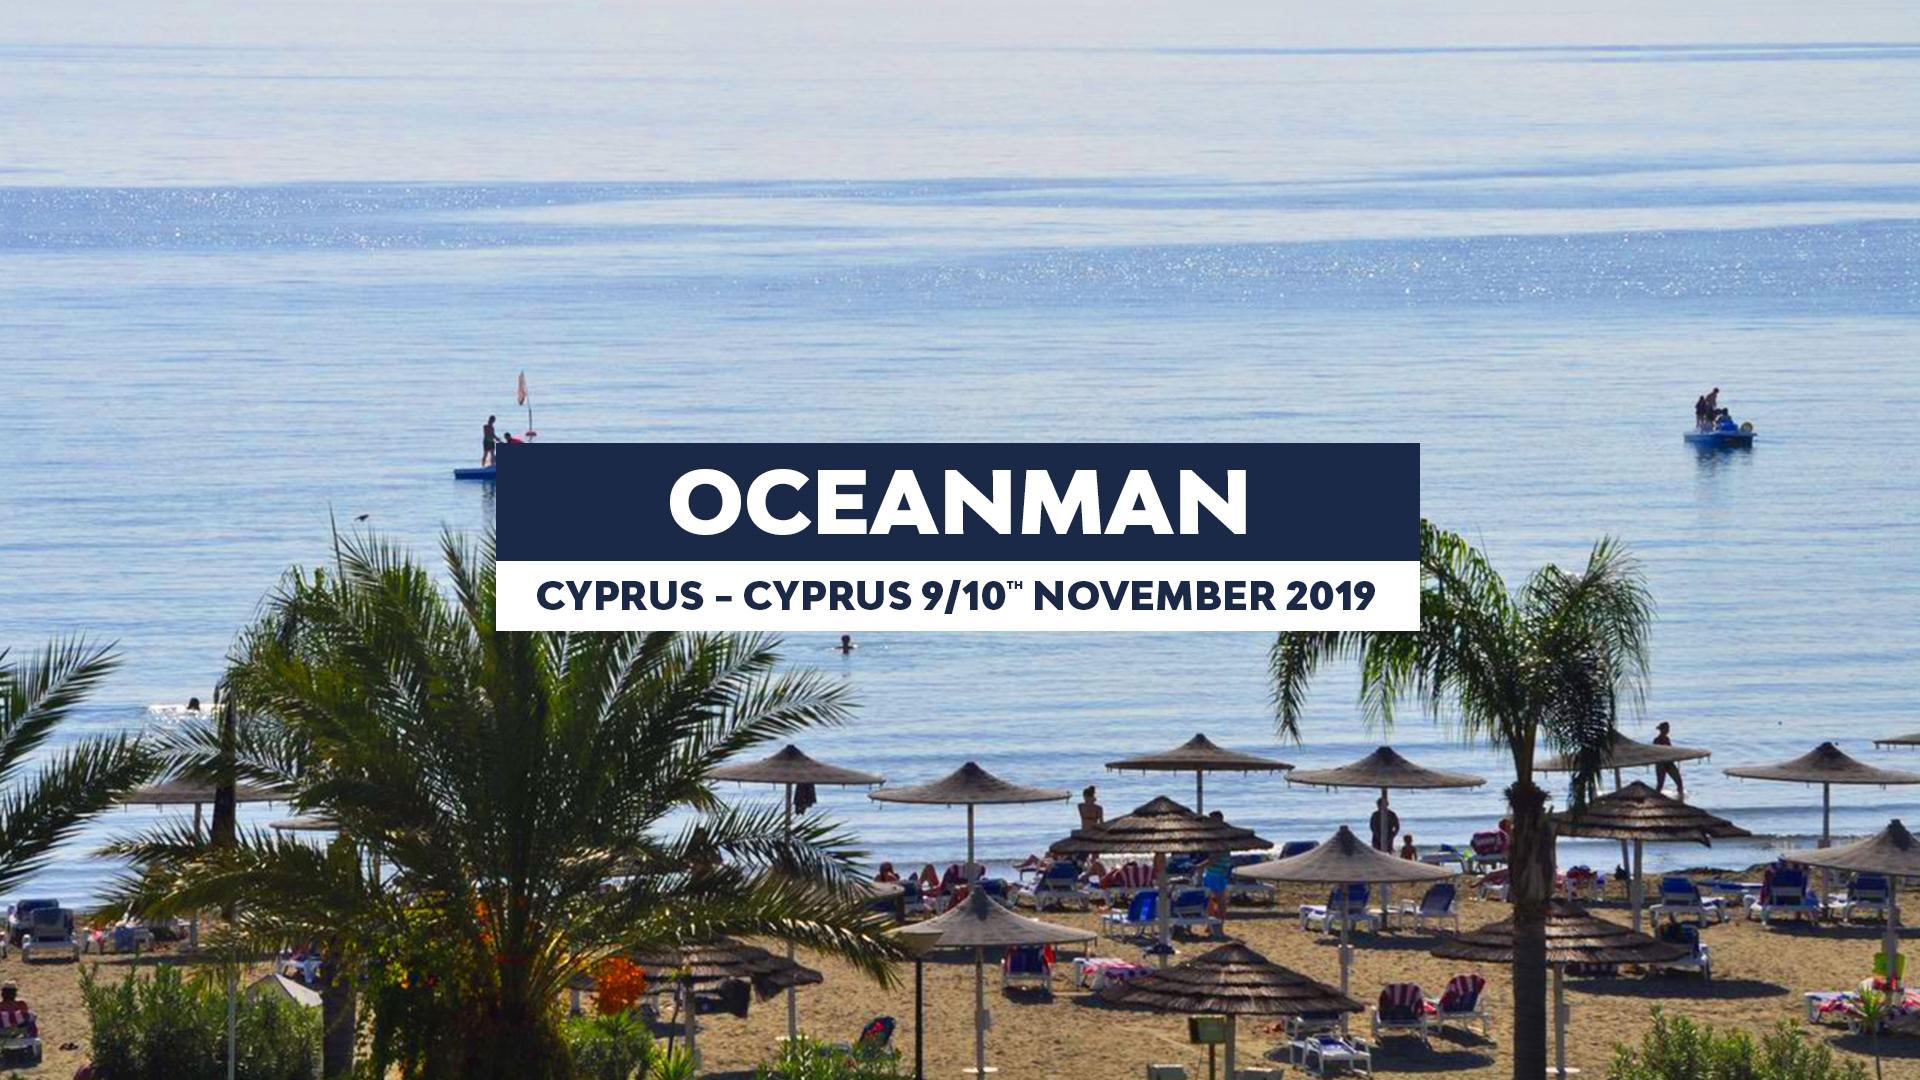 OCEANMAN CYPRUS 19